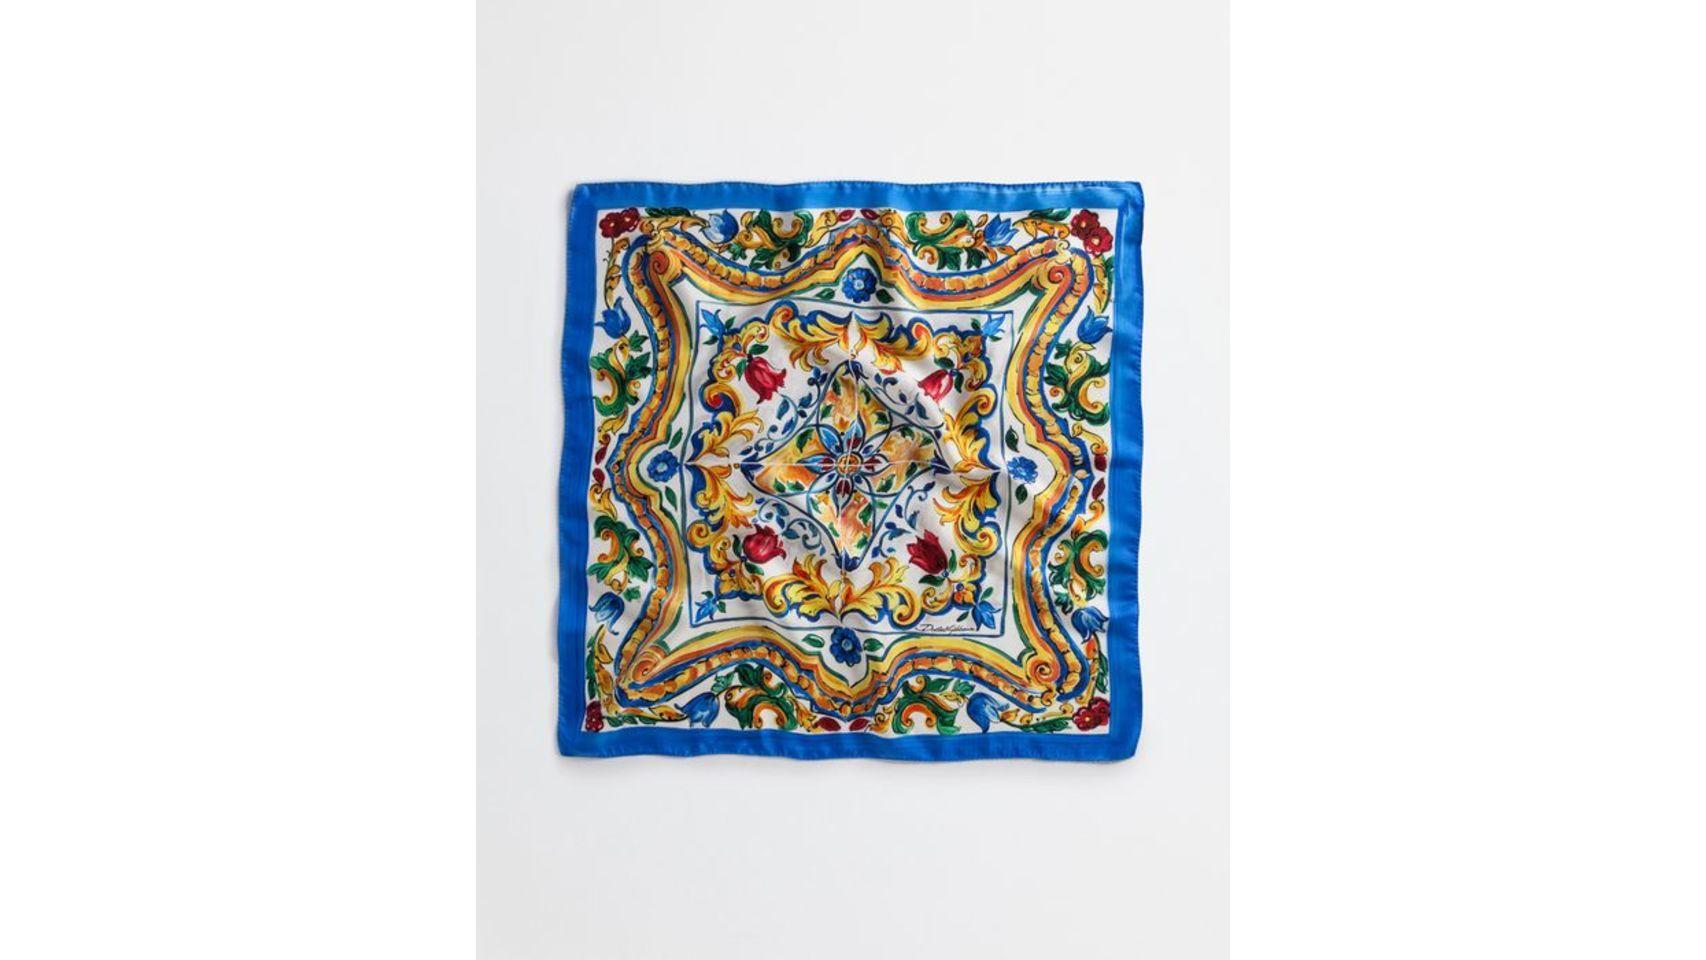 Pañuelo en seda para completar tu look de Dolce Gabbana verano 2016.